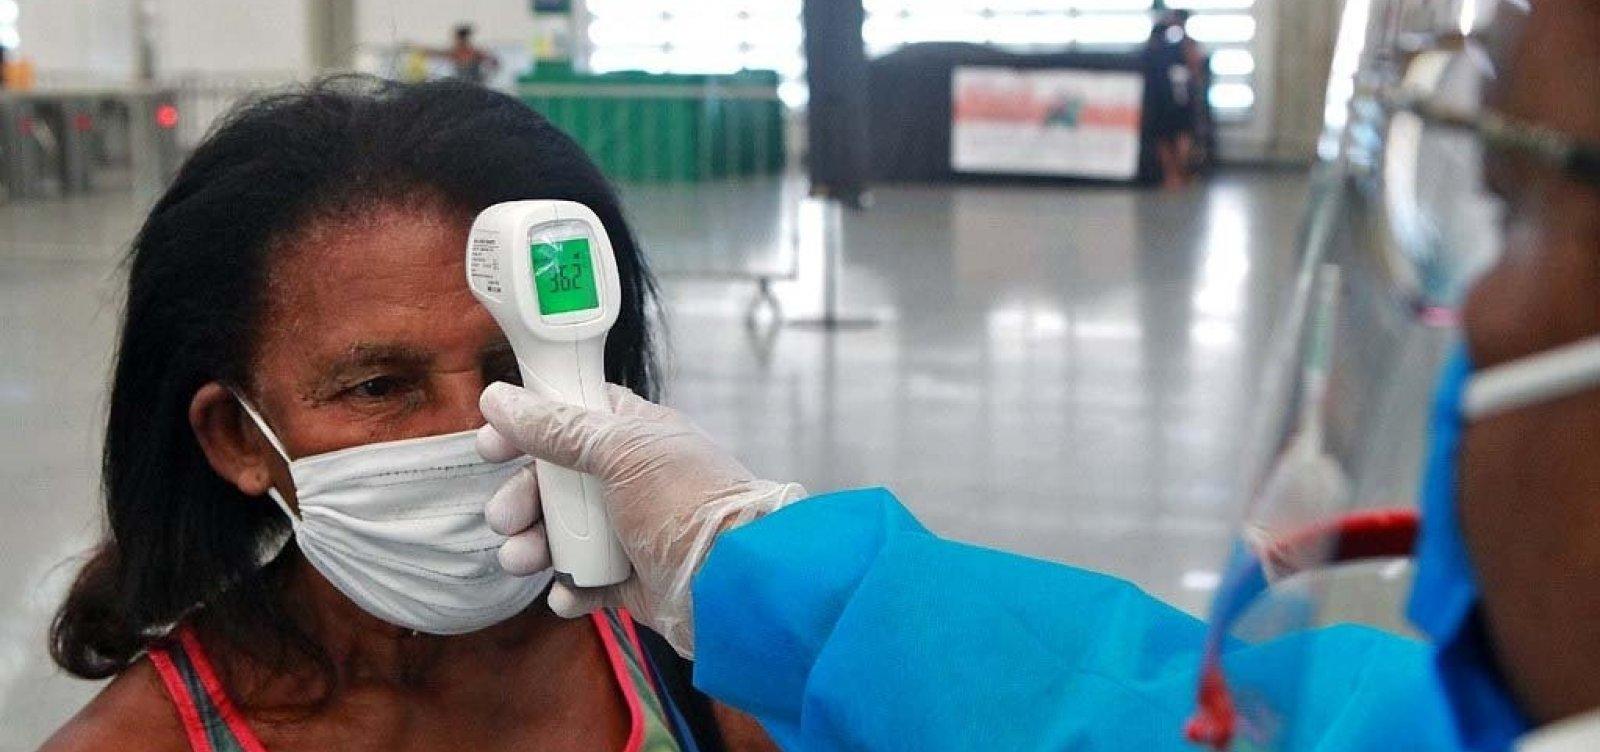 [Anvisa esclarece que uso de termômetros infravermelhos não causa danos à saúde]